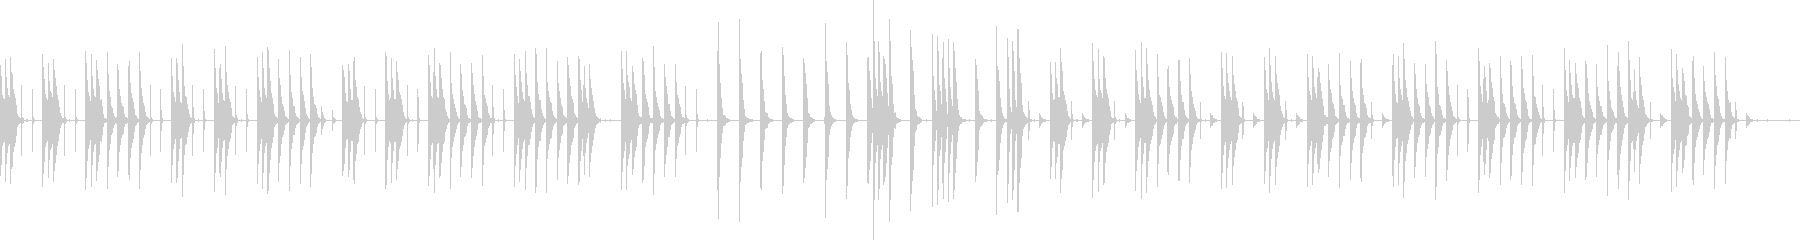 ほのぼのとゆったりとしたBGMです。の未再生の波形